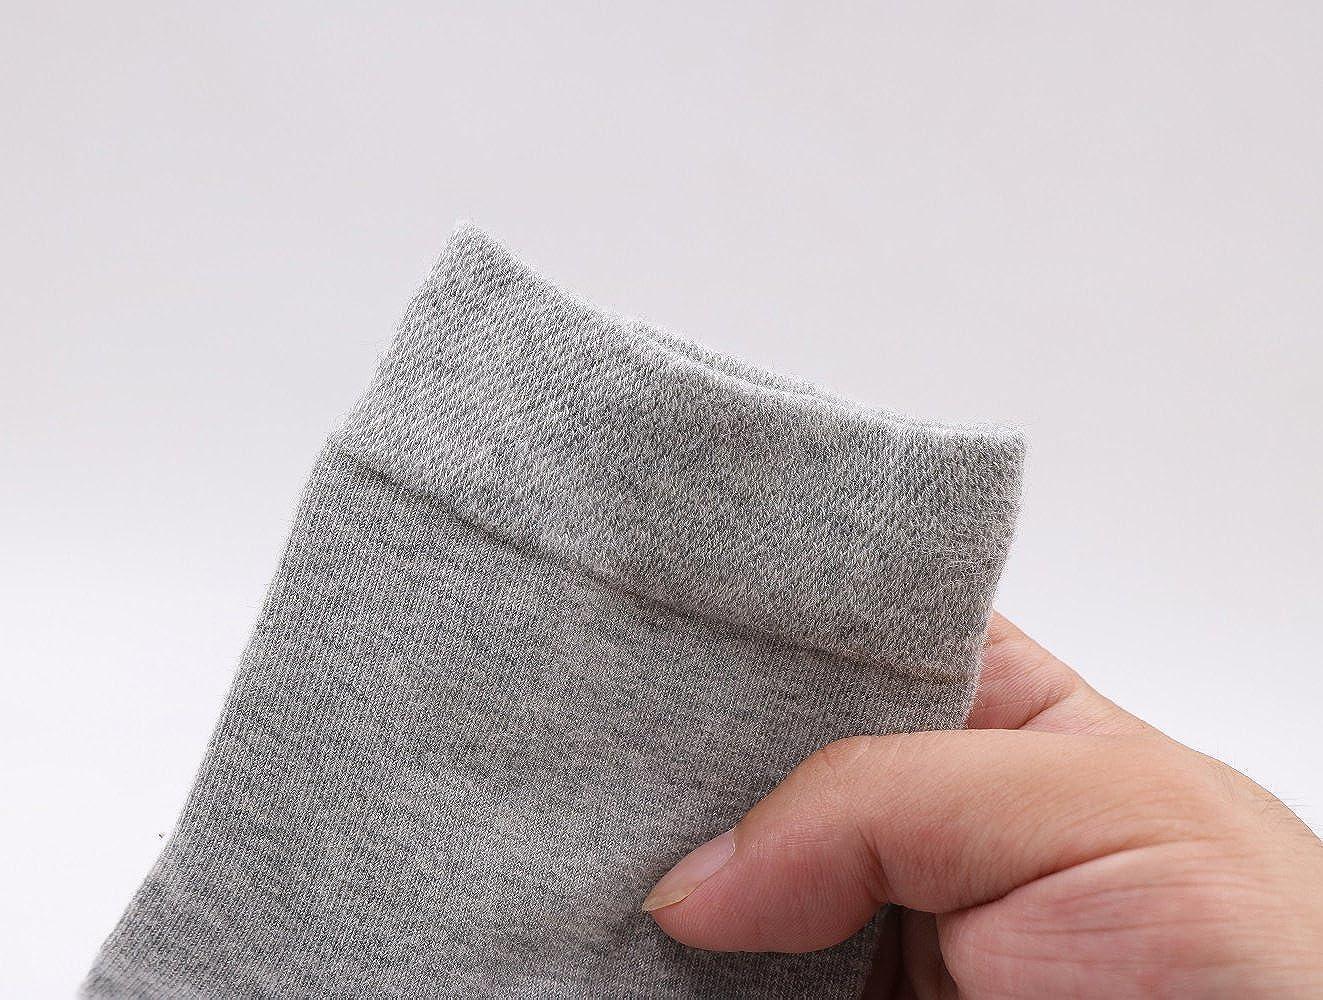 Irypulse 5 Paires Chaussettes dAffaires Fibre de Bambou Naturel pour Hommes Chaussette Business de Luxe Respirant Confortable Durables de Toute-saisons